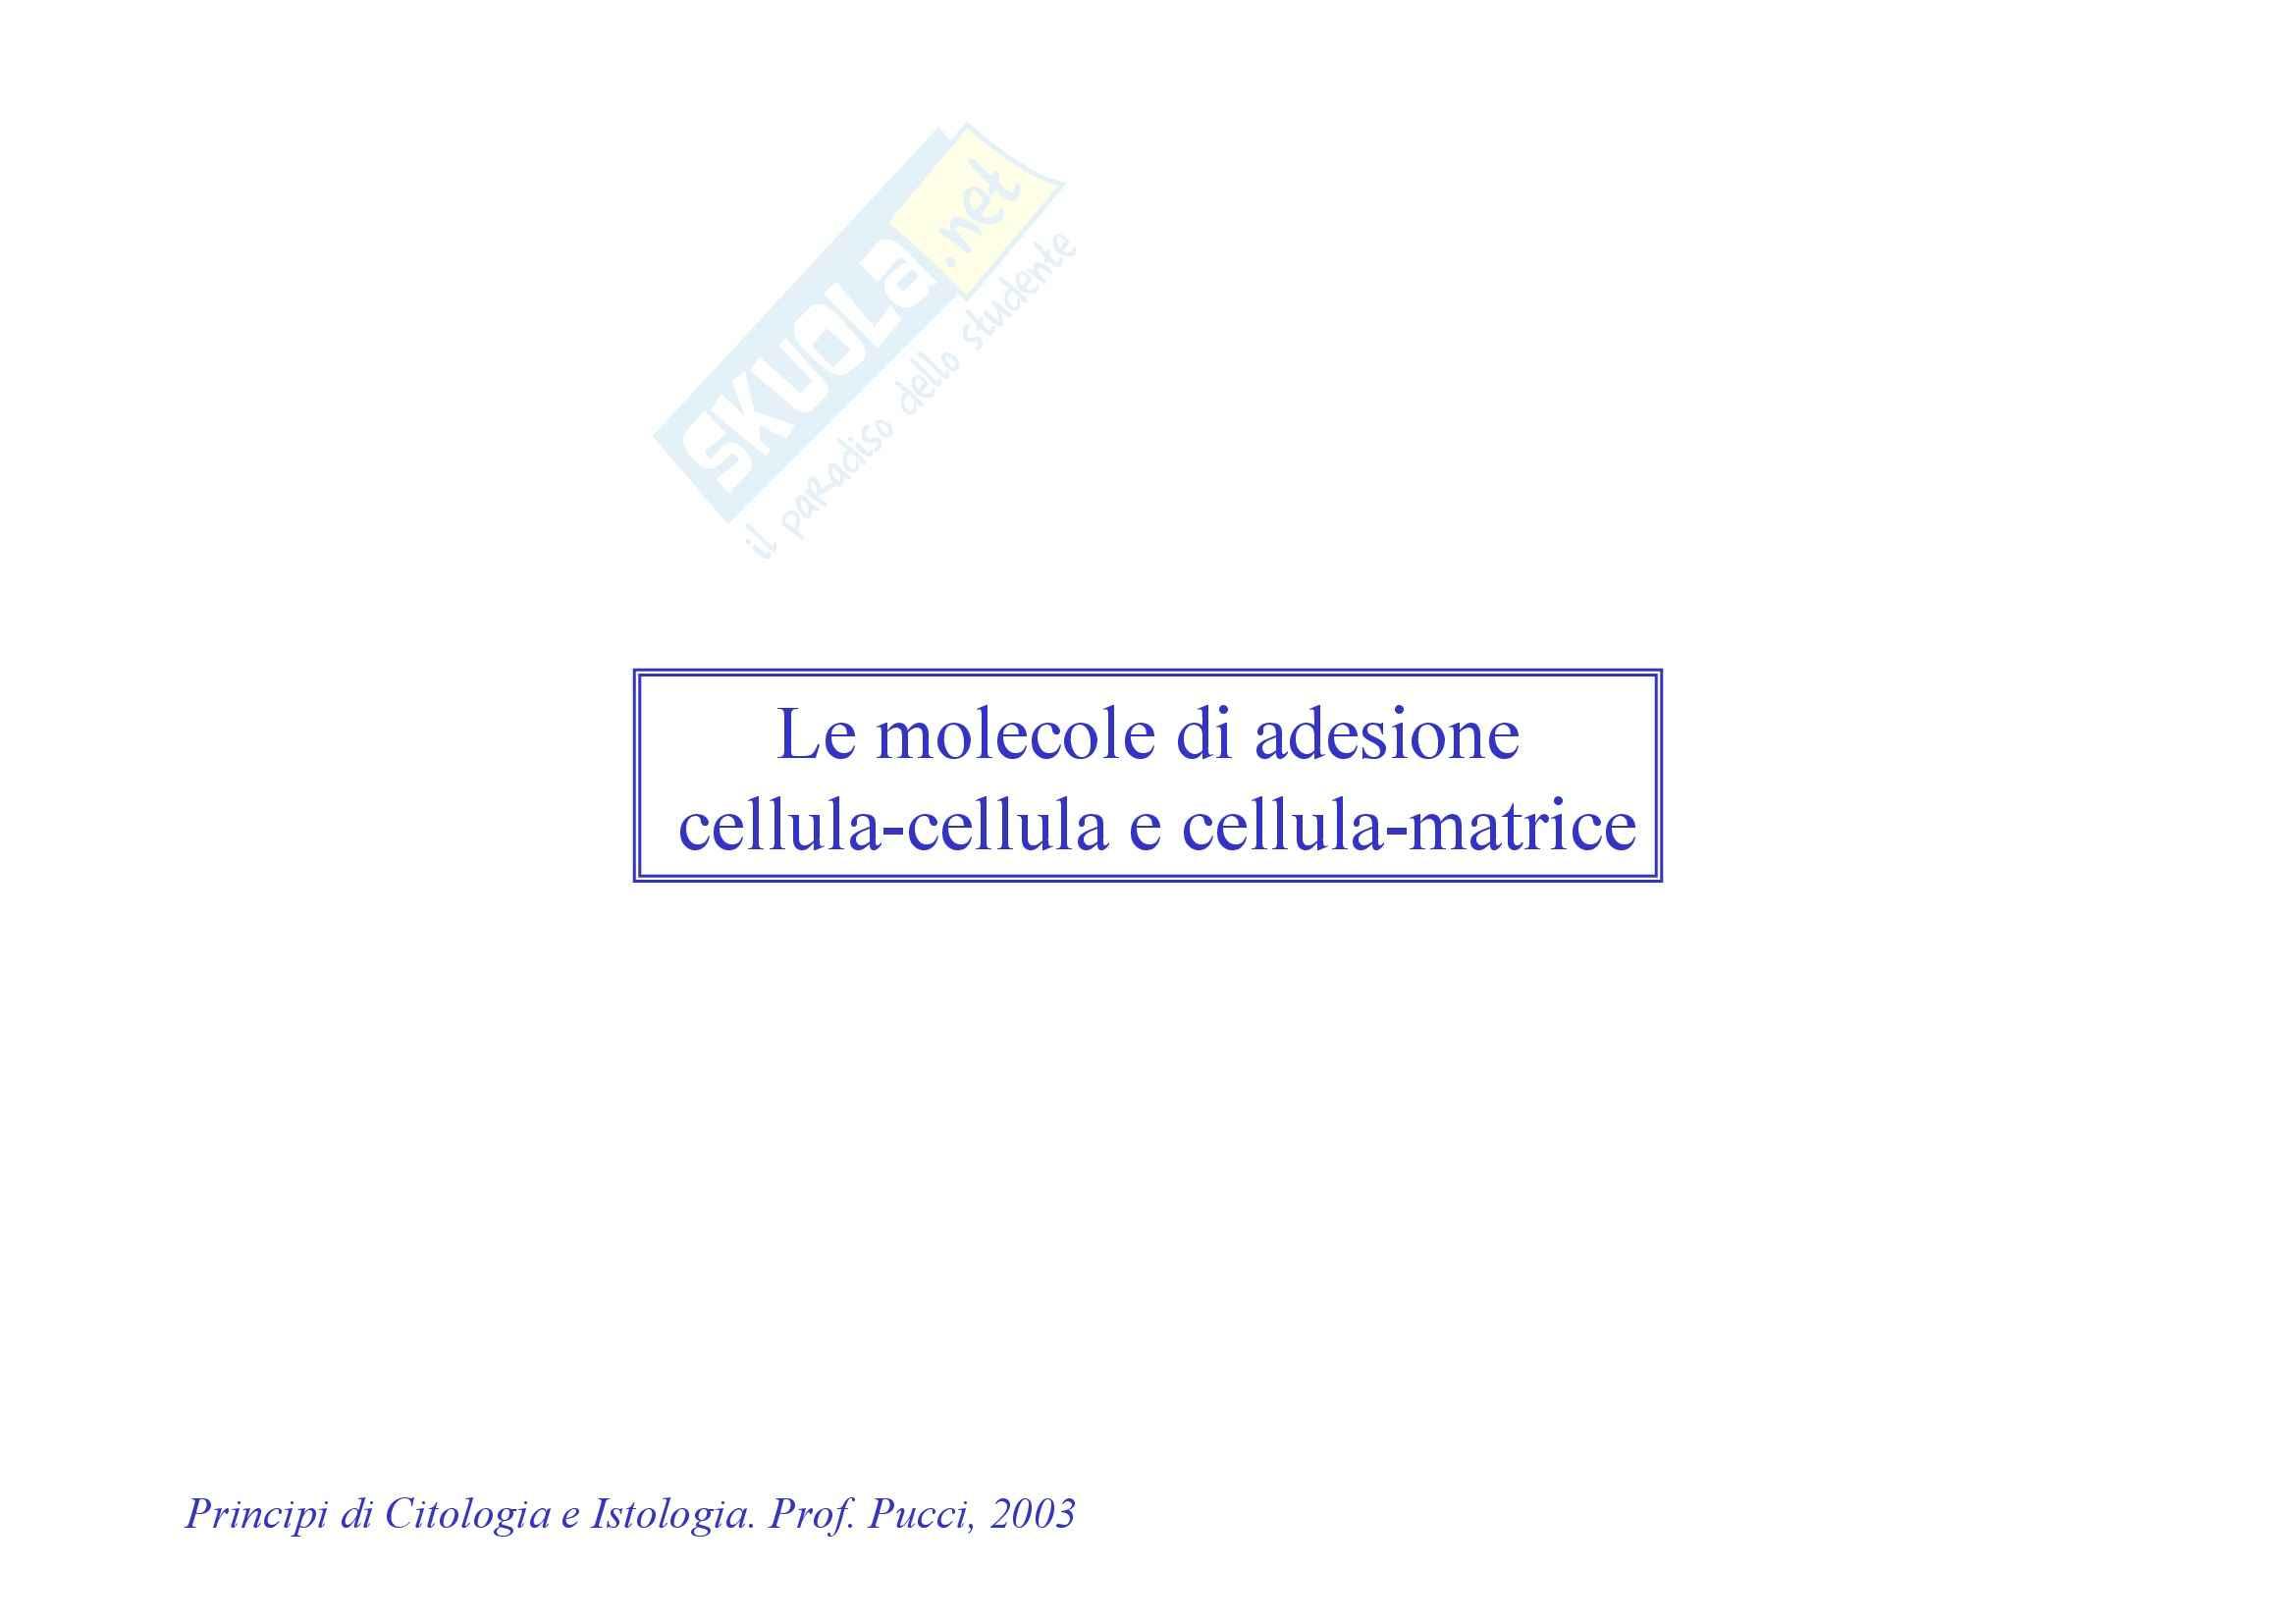 Biochimica - adesione delle molecole